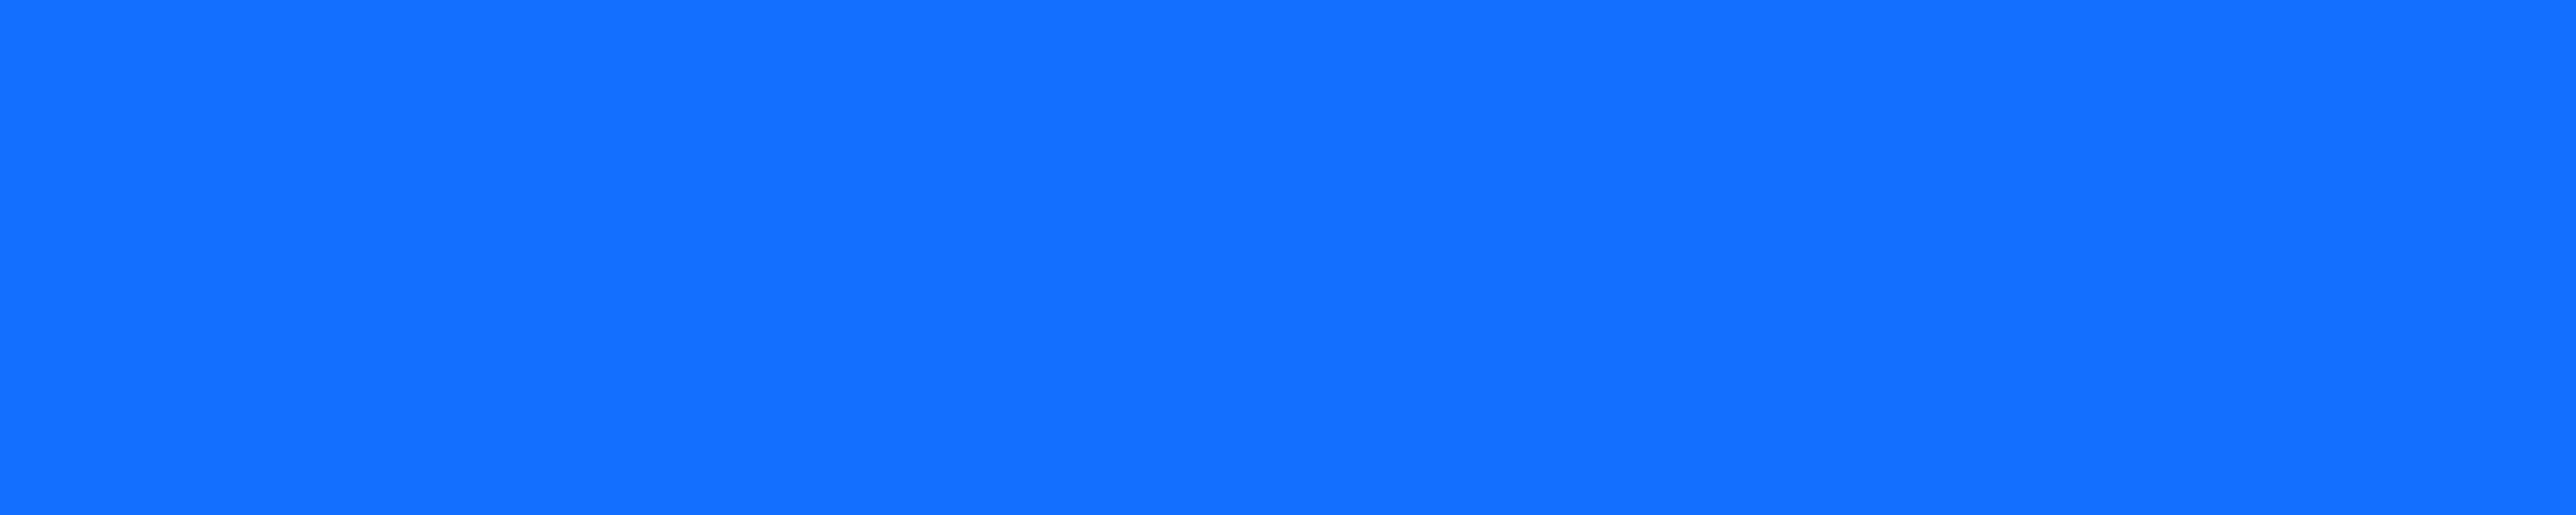 blau füller